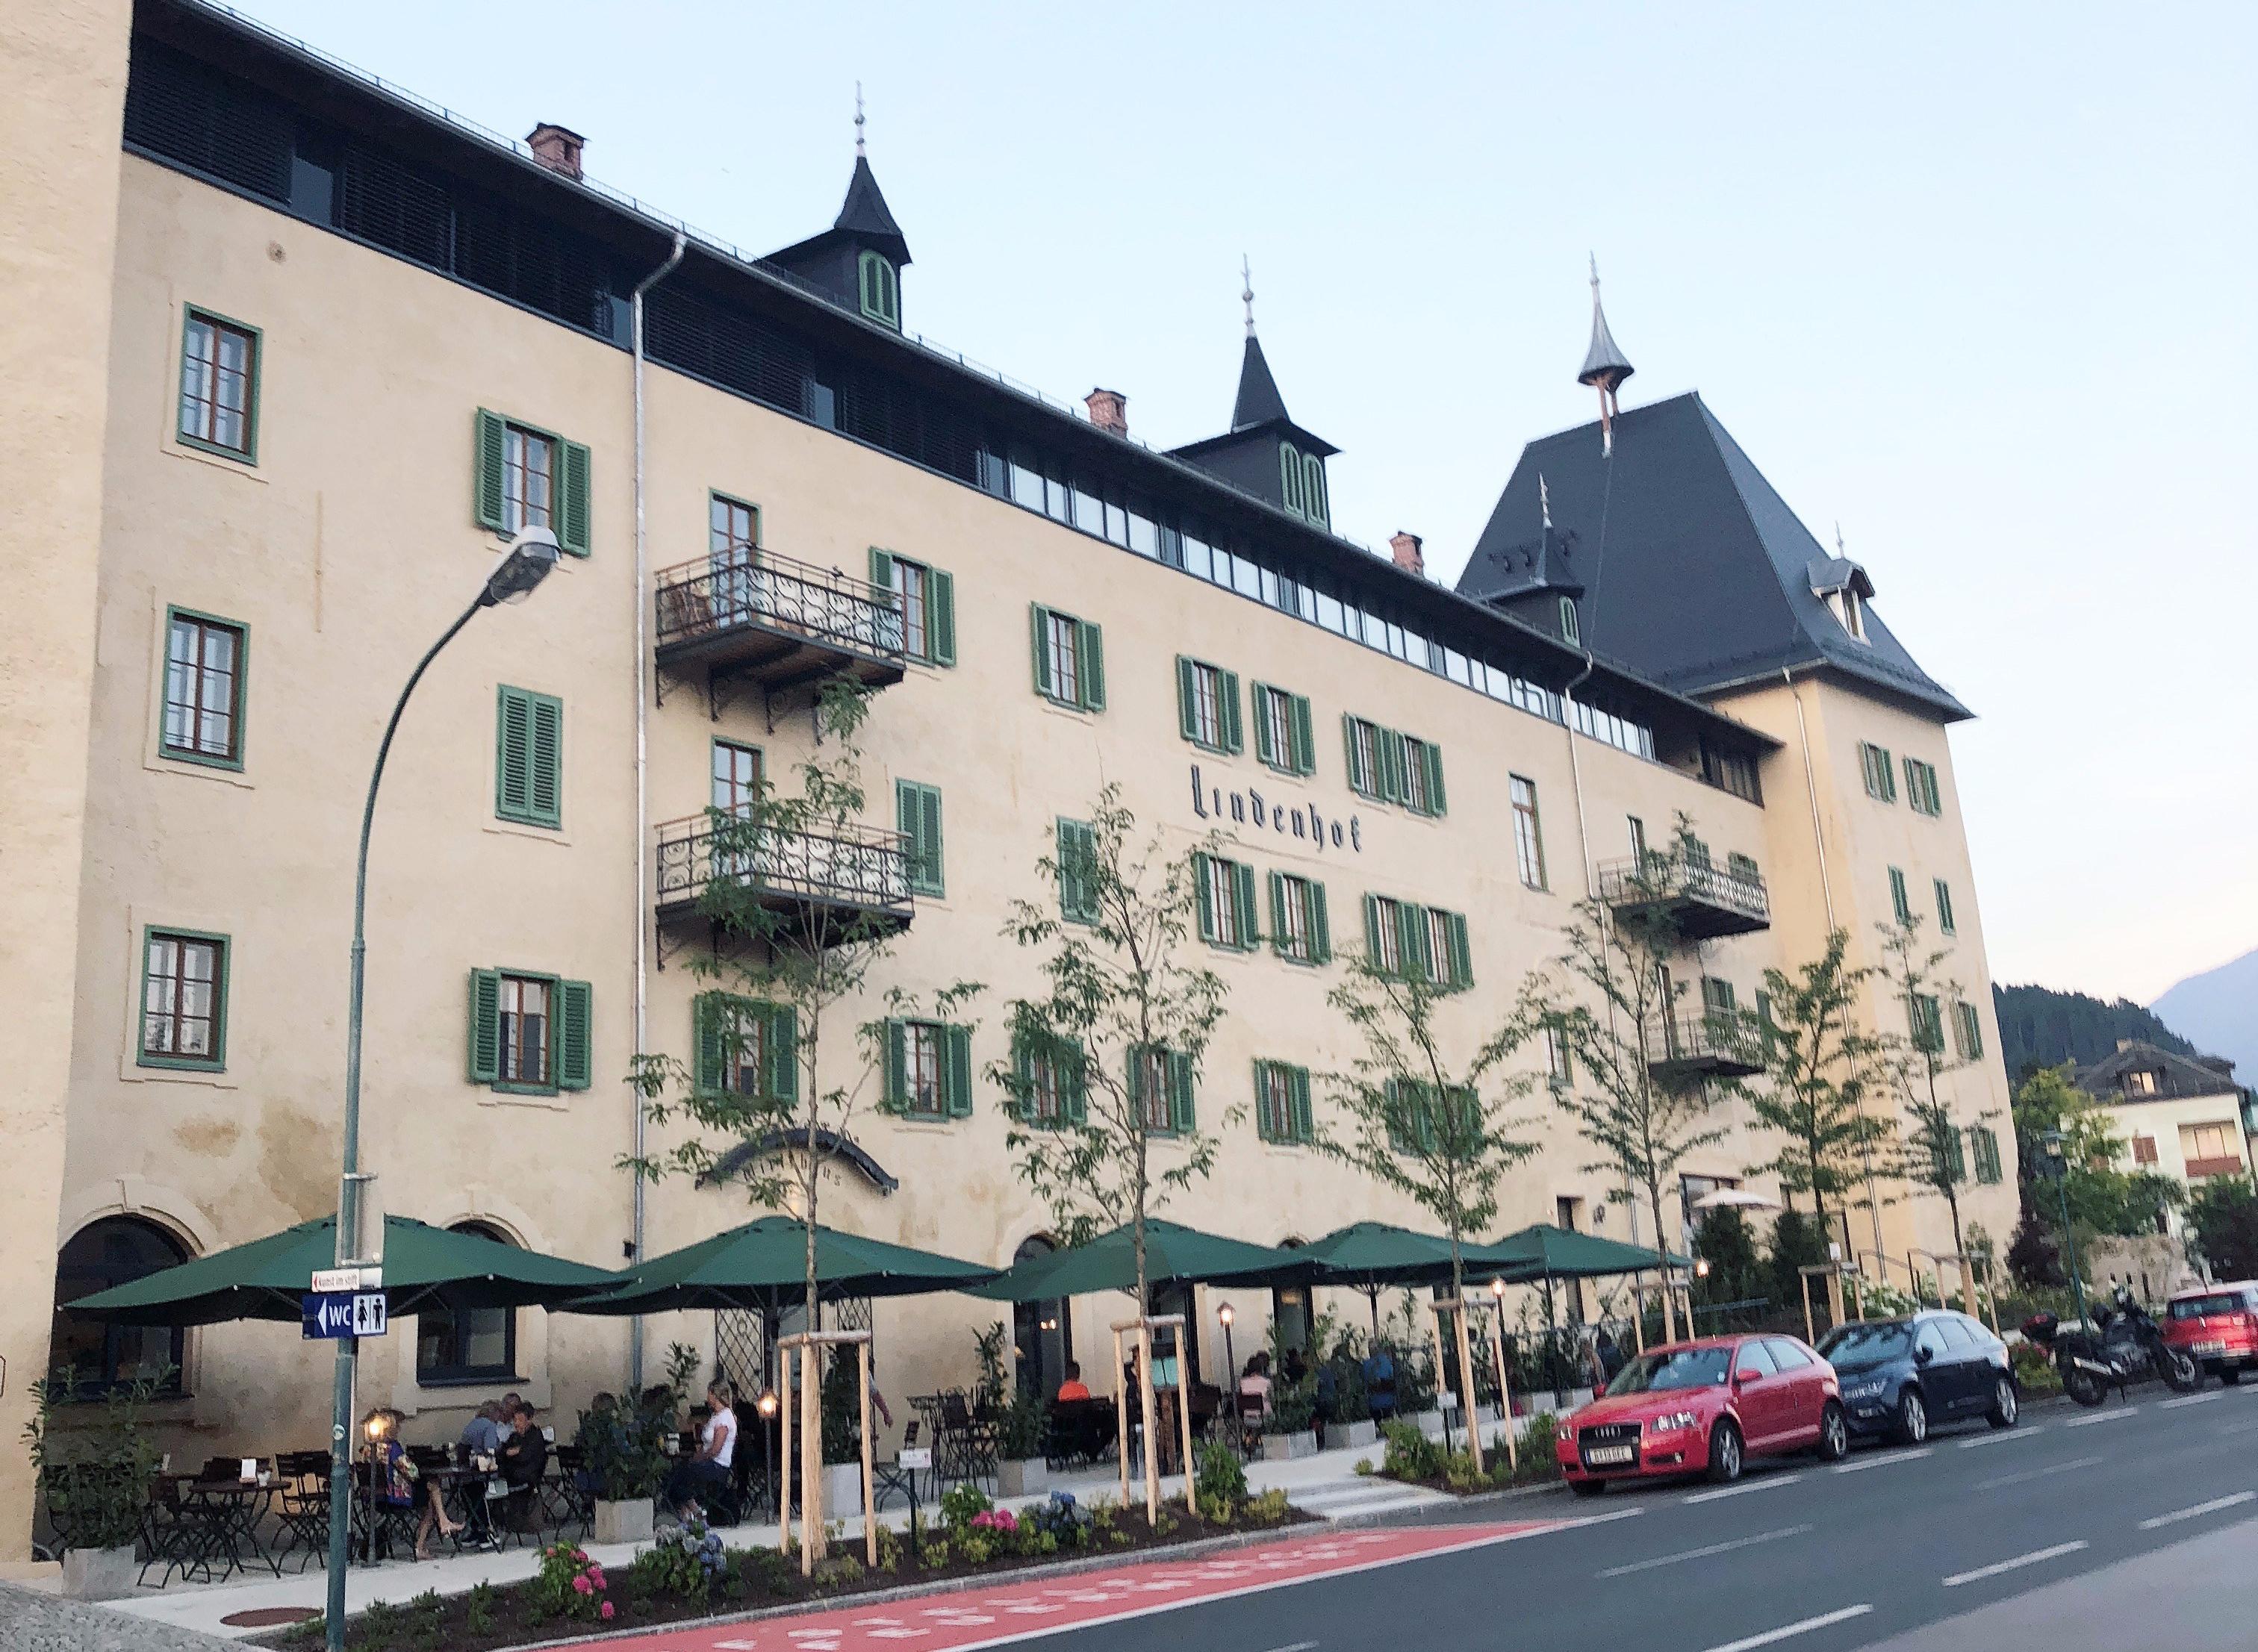 Lidenhof, Millstatt